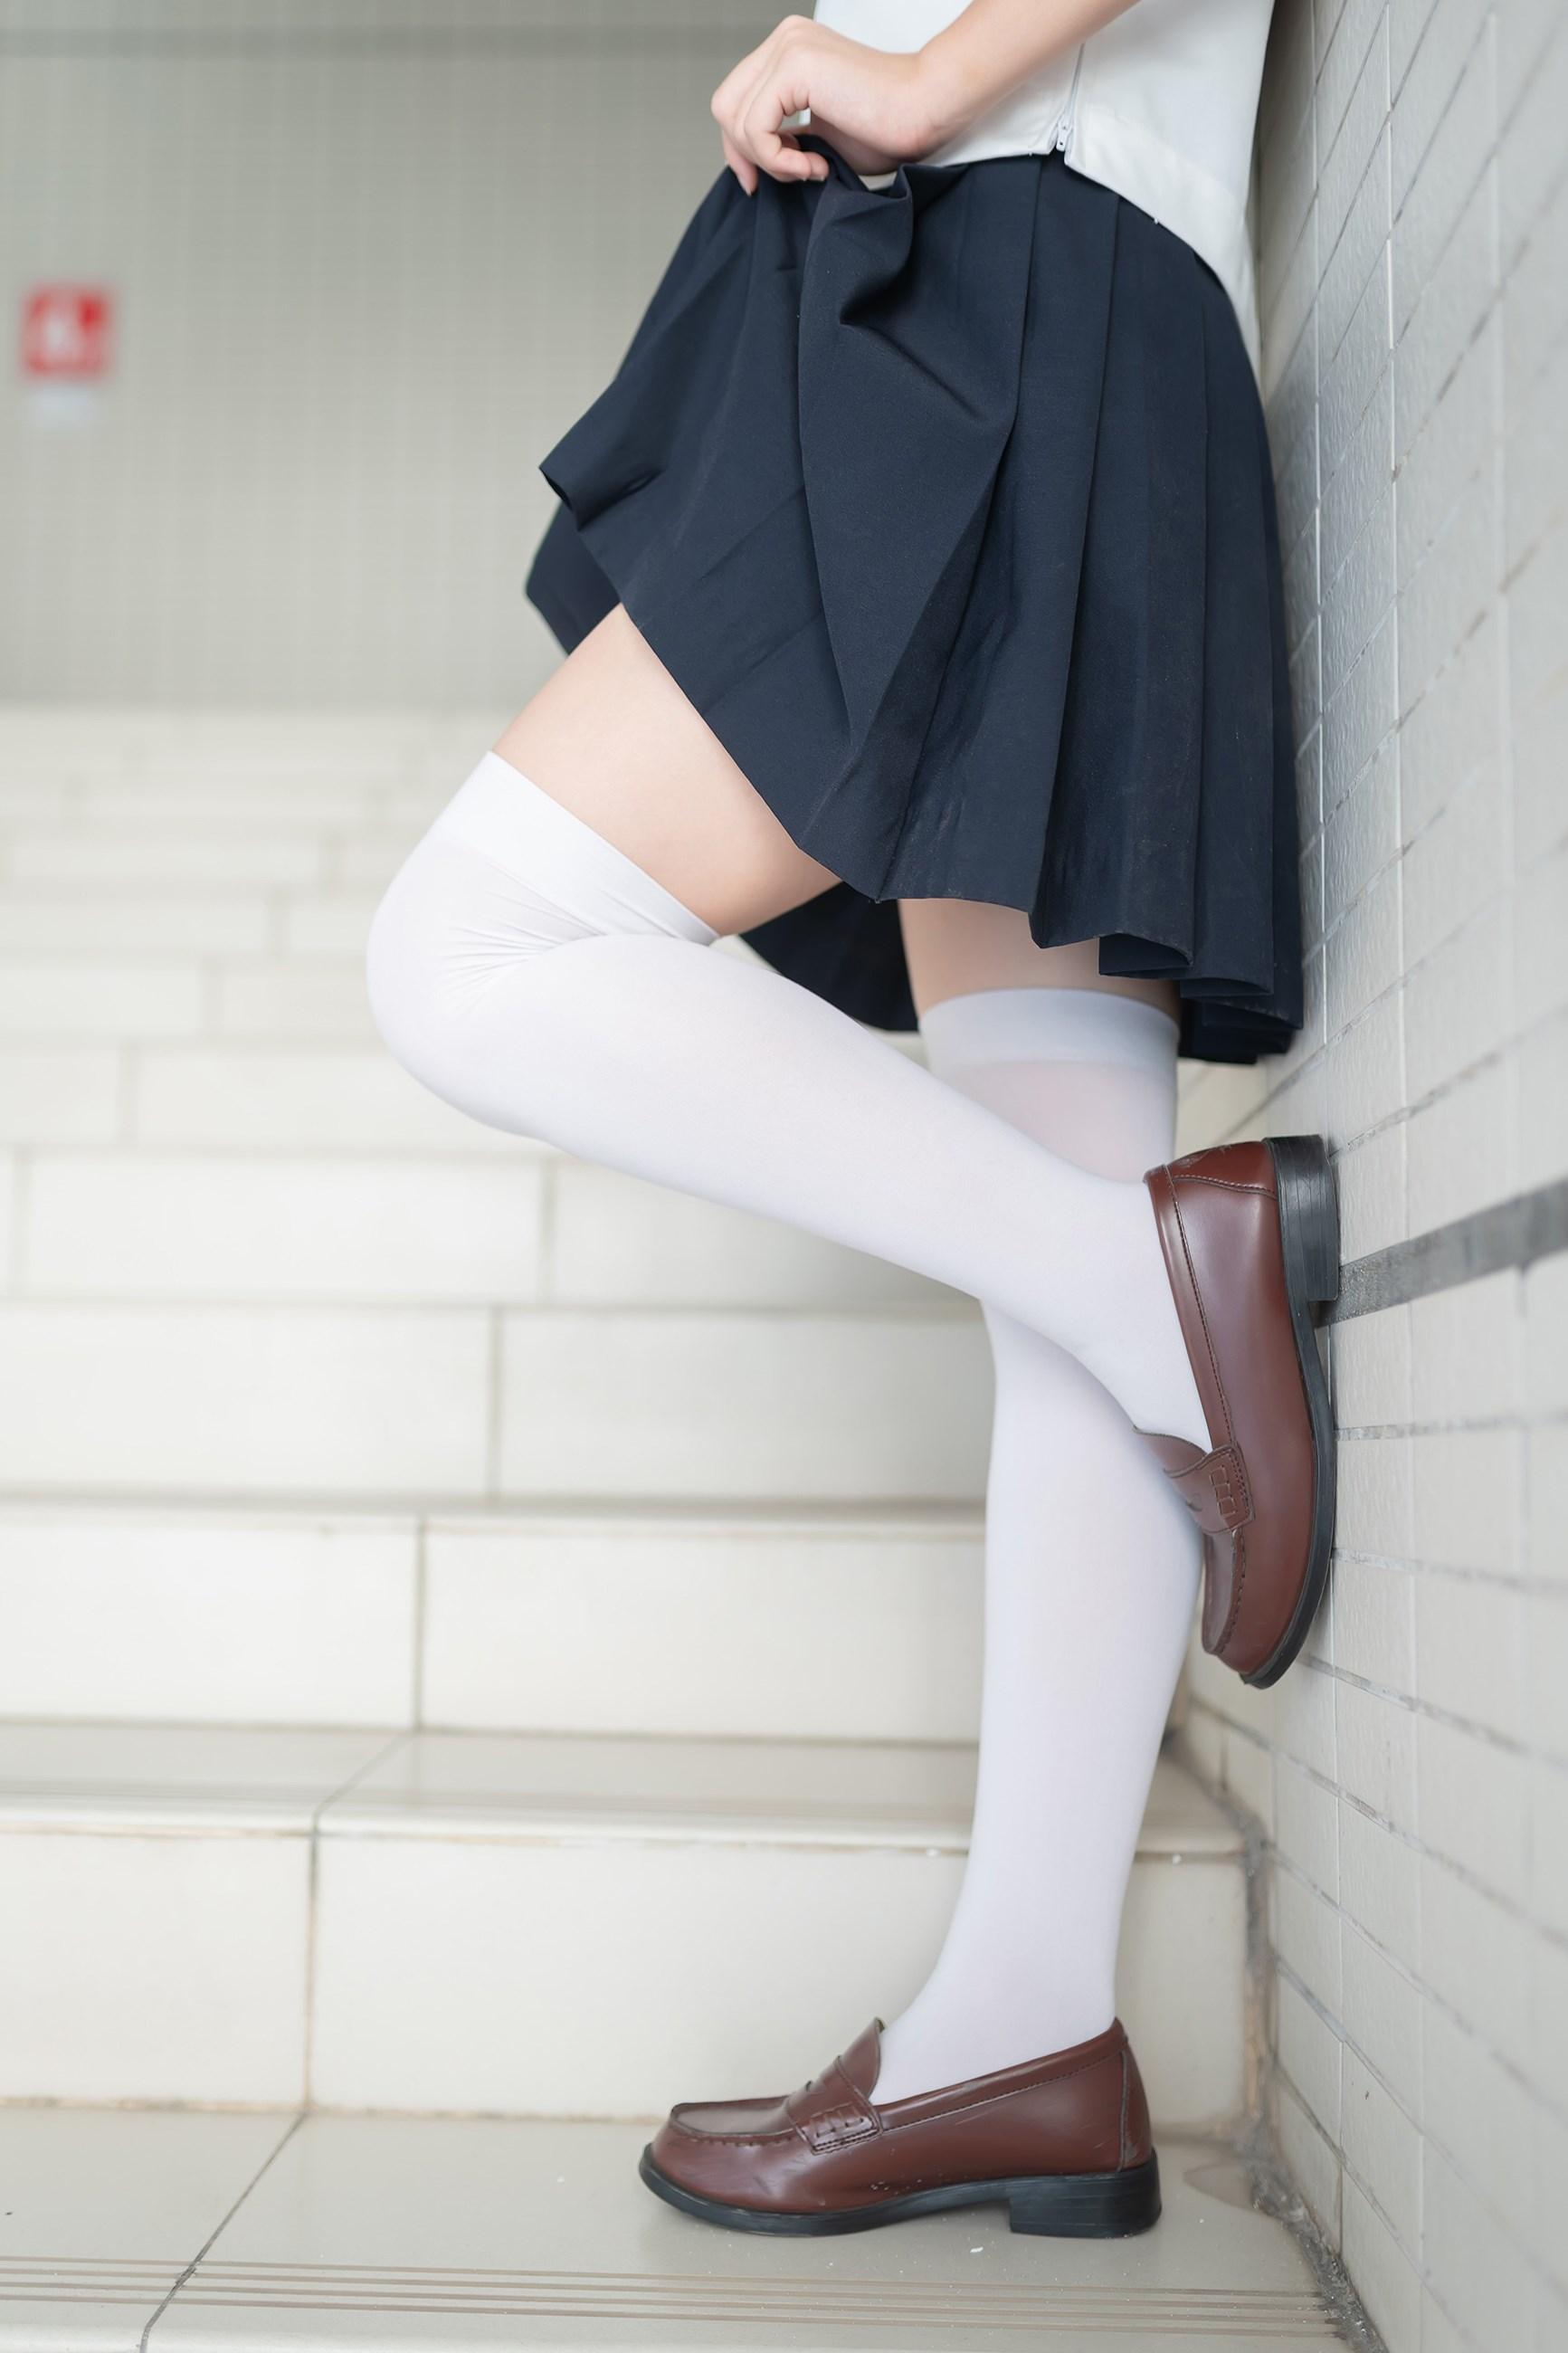 【兔玩映画】楼梯上的白丝少女 兔玩映画 第18张